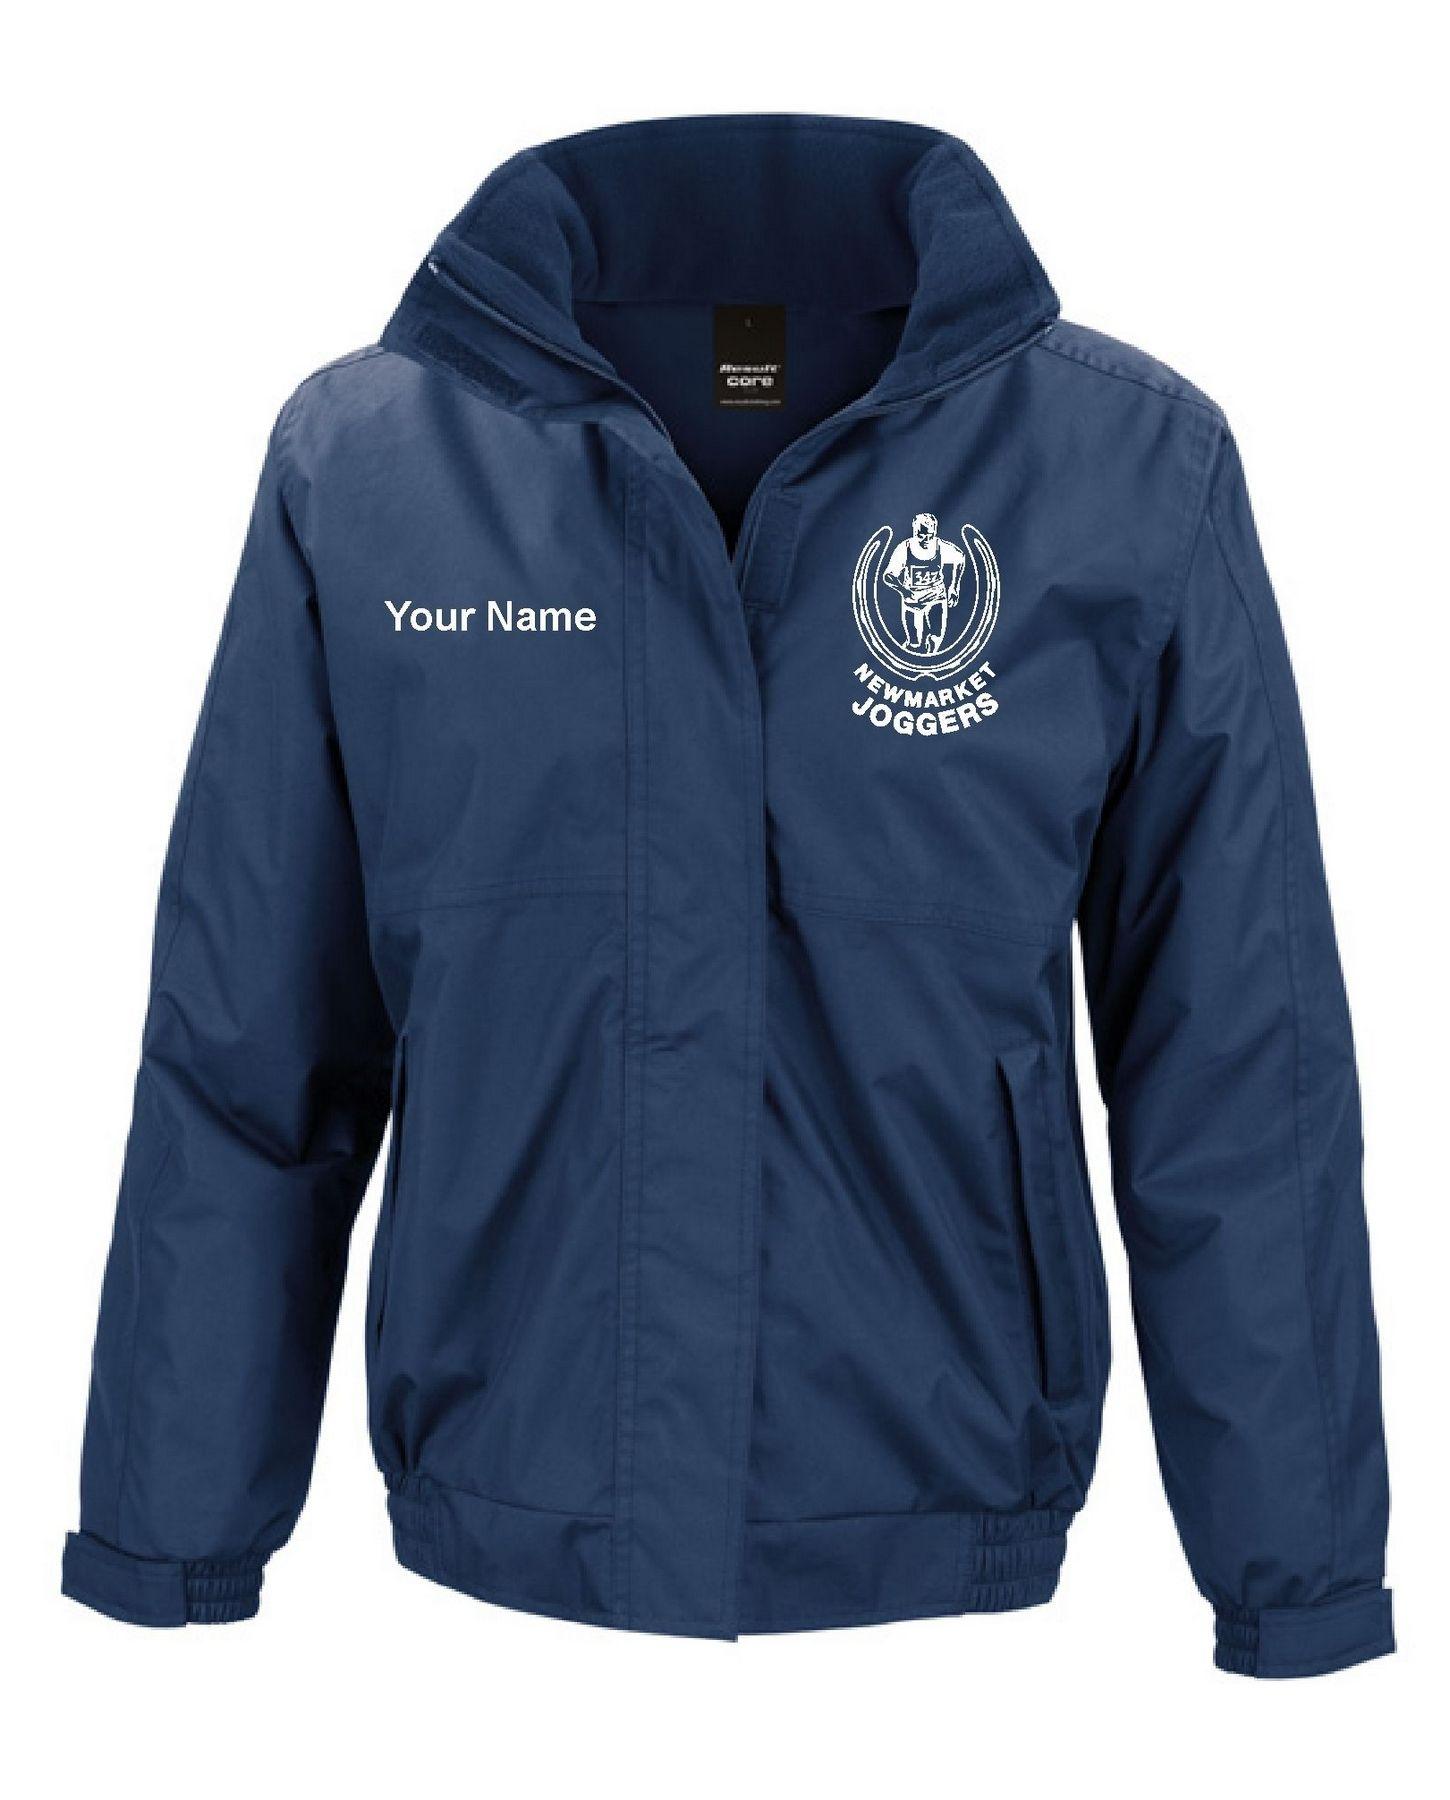 Newmarket Joggers – Waterproof Jacket (Ladies)